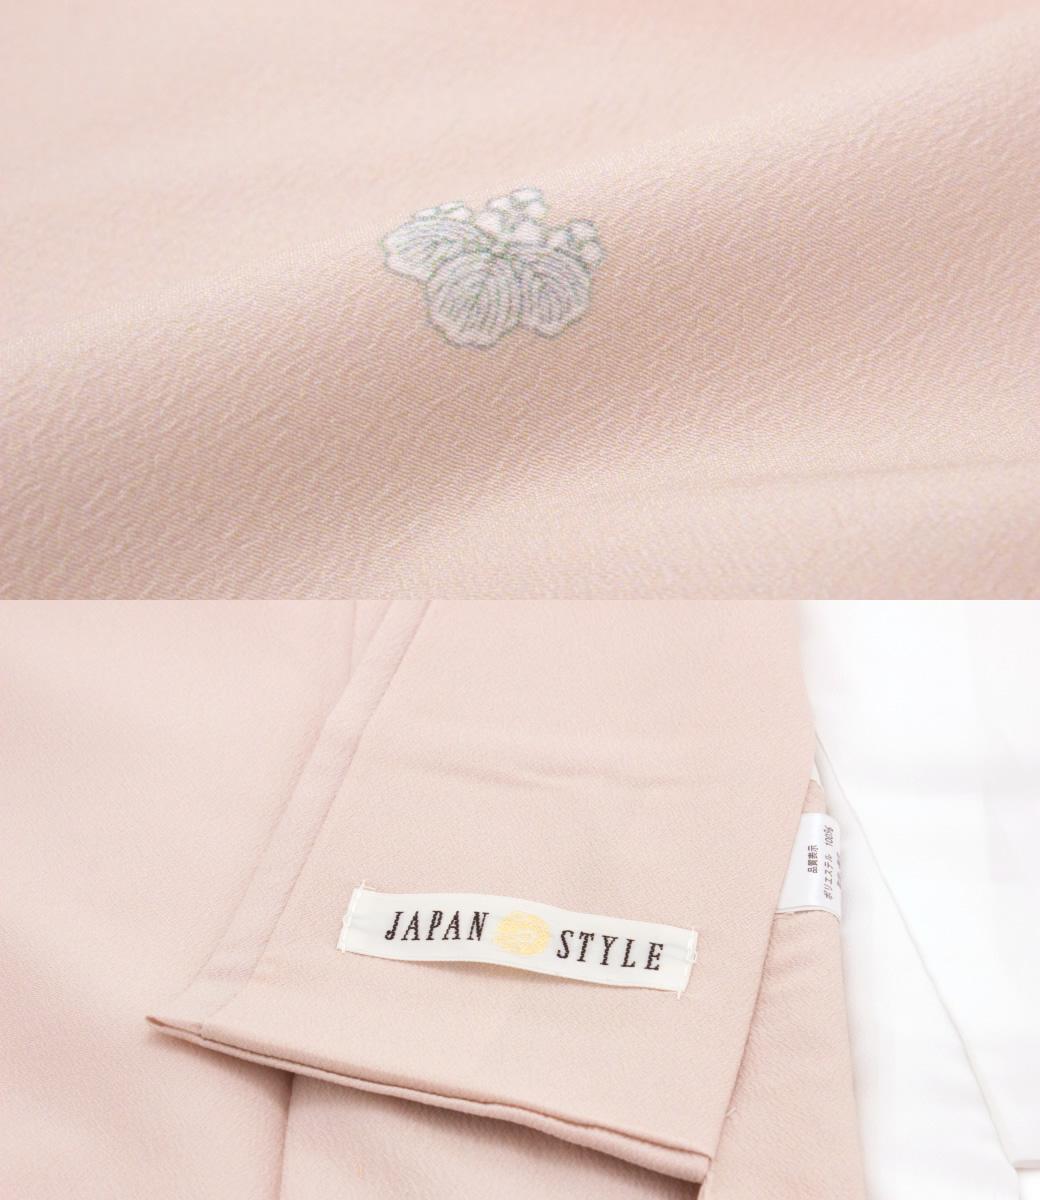 家紋入りの留袖家紋入りの留袖